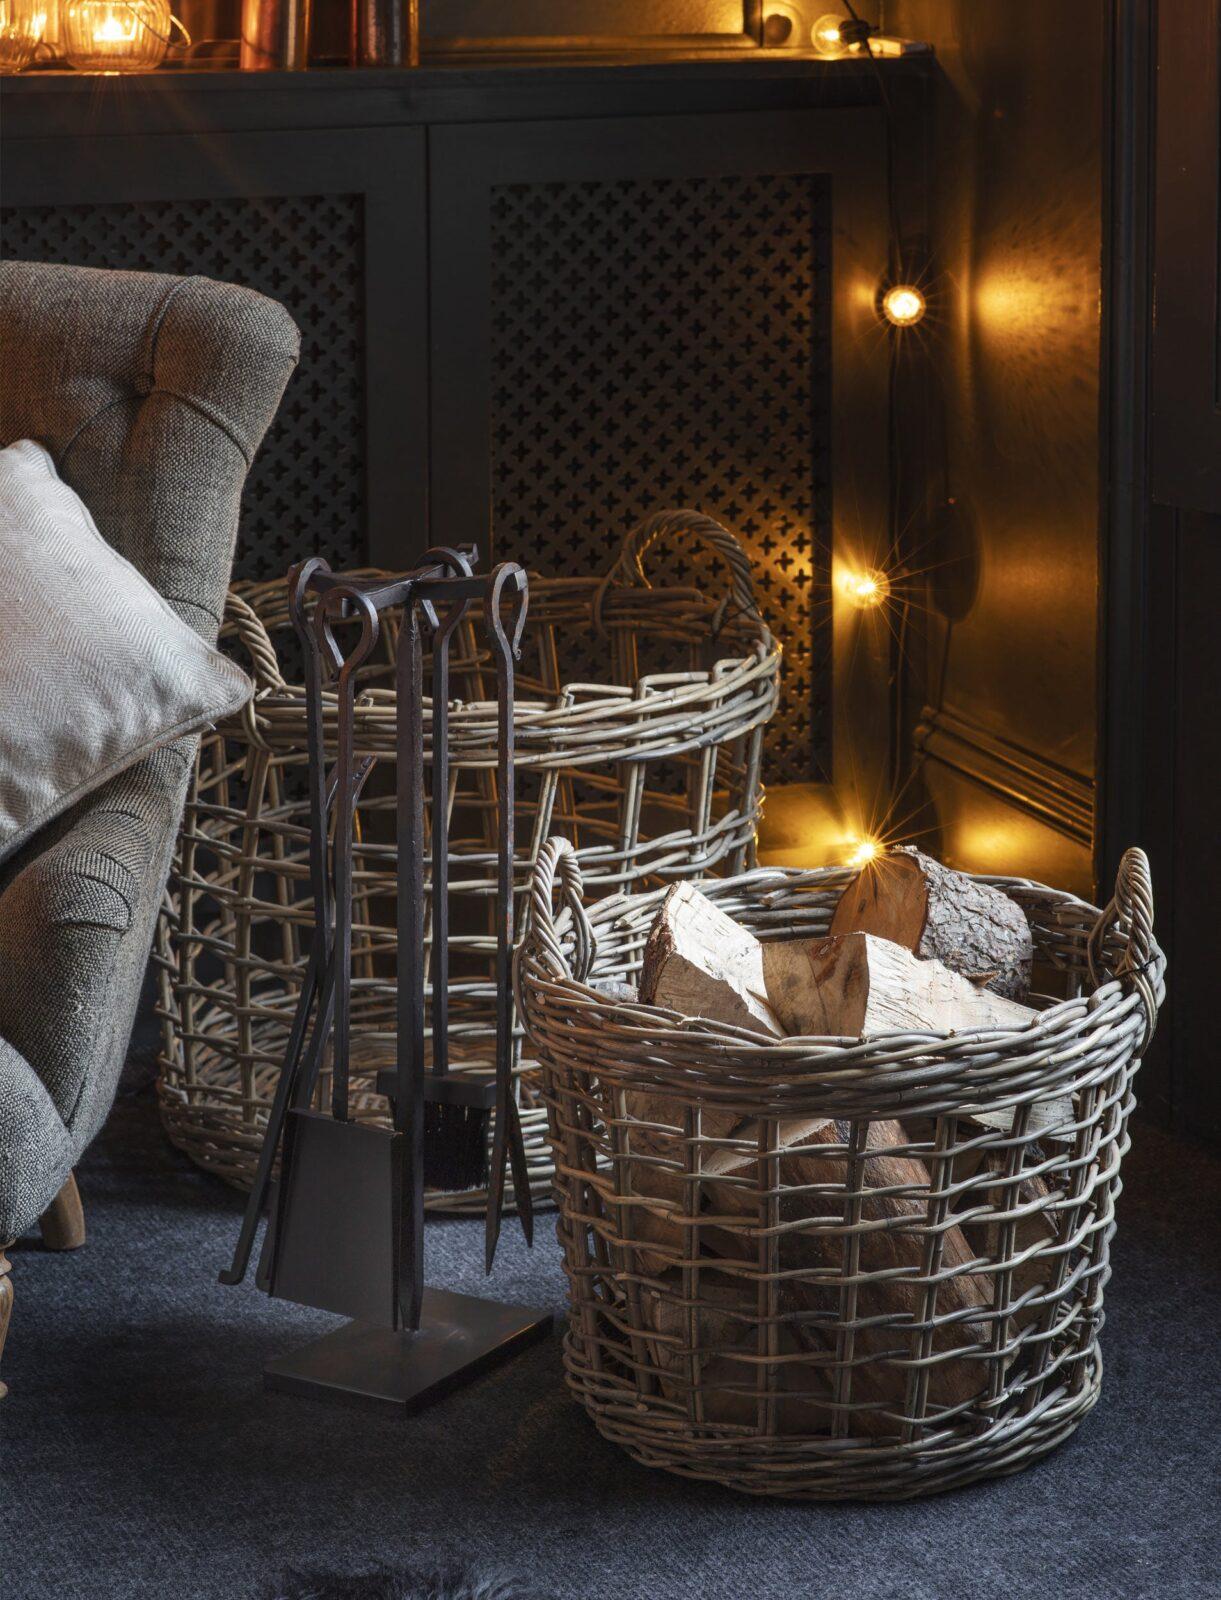 Set of 2 Open Weave Baskets - Rattan